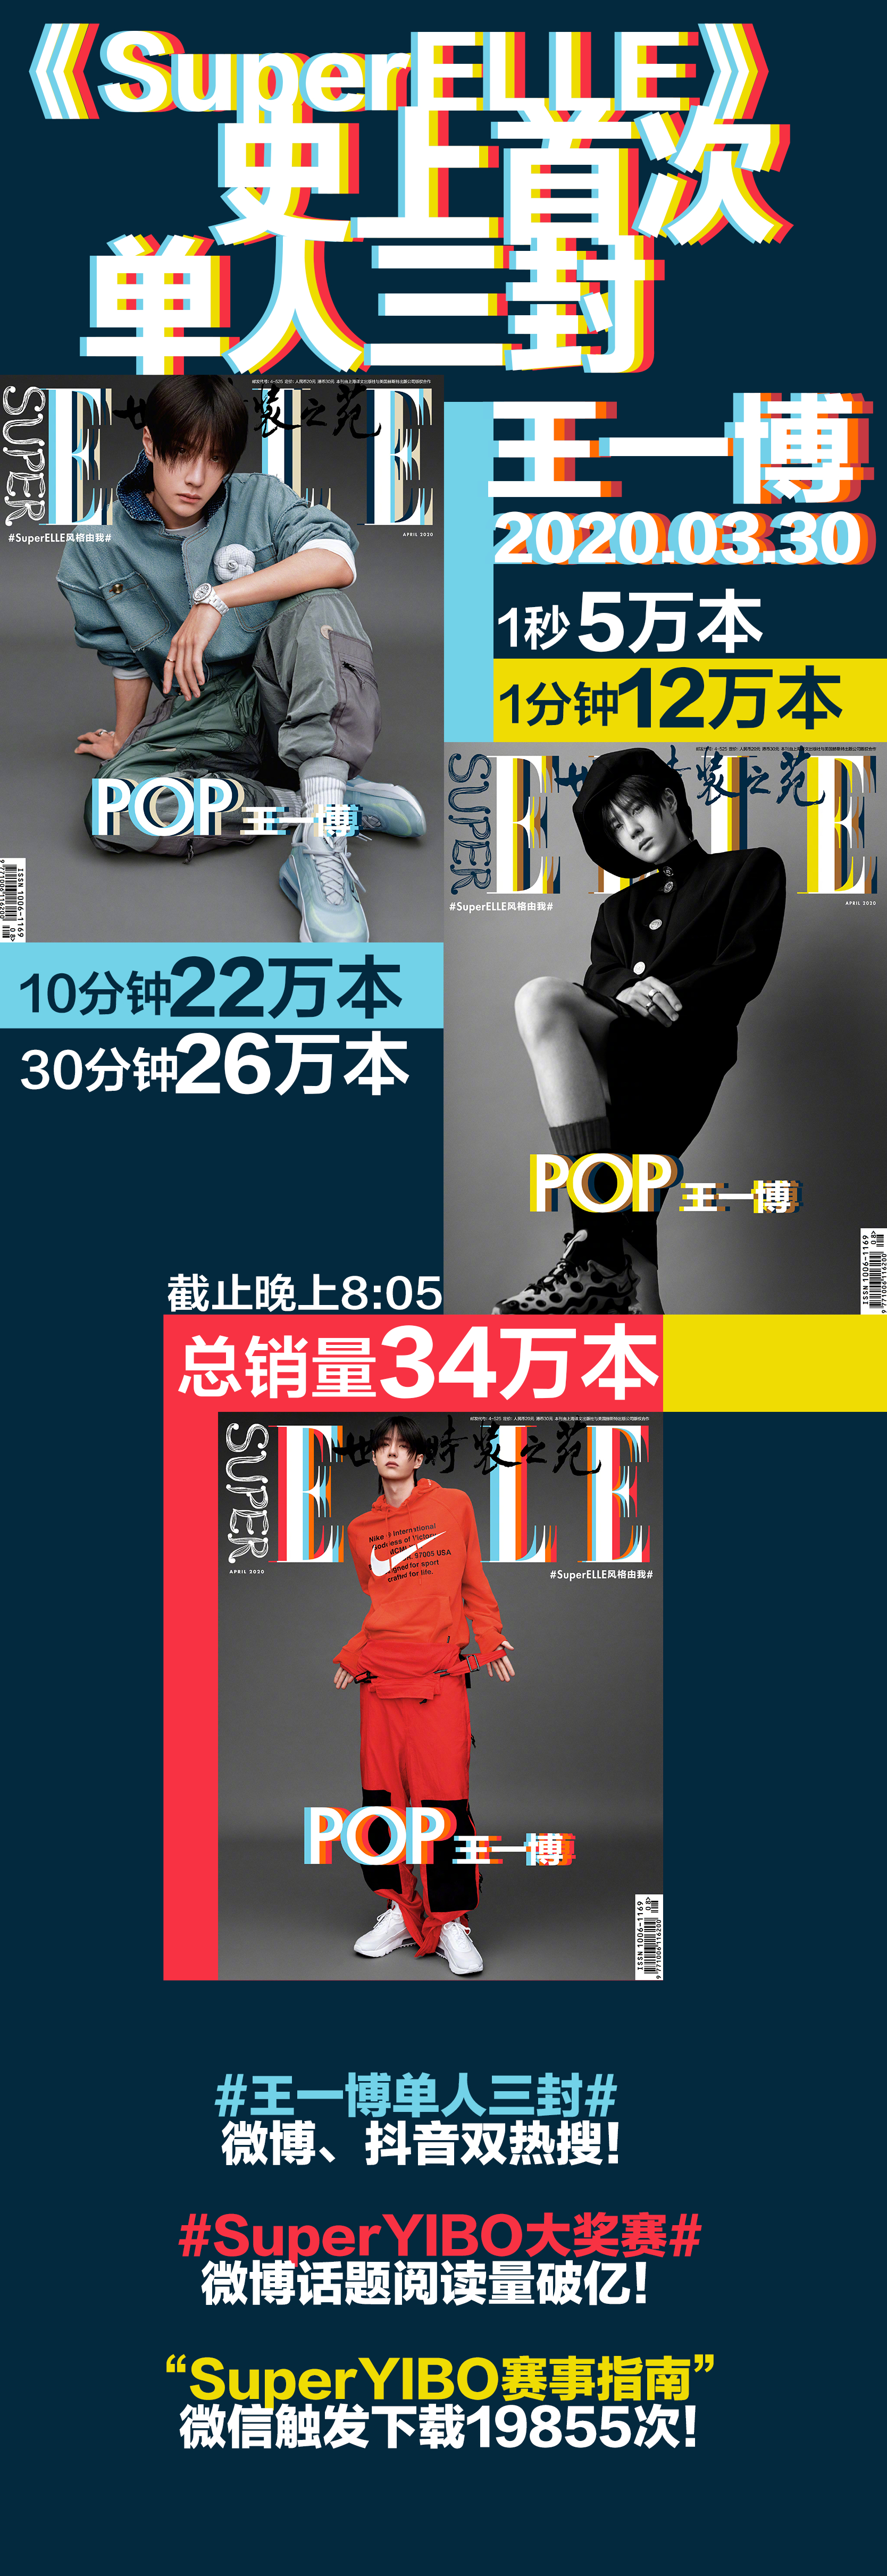 [新闻]200331 《SuperELLE》官方大字报公开 王一博单人三封预售总量突破34万本!